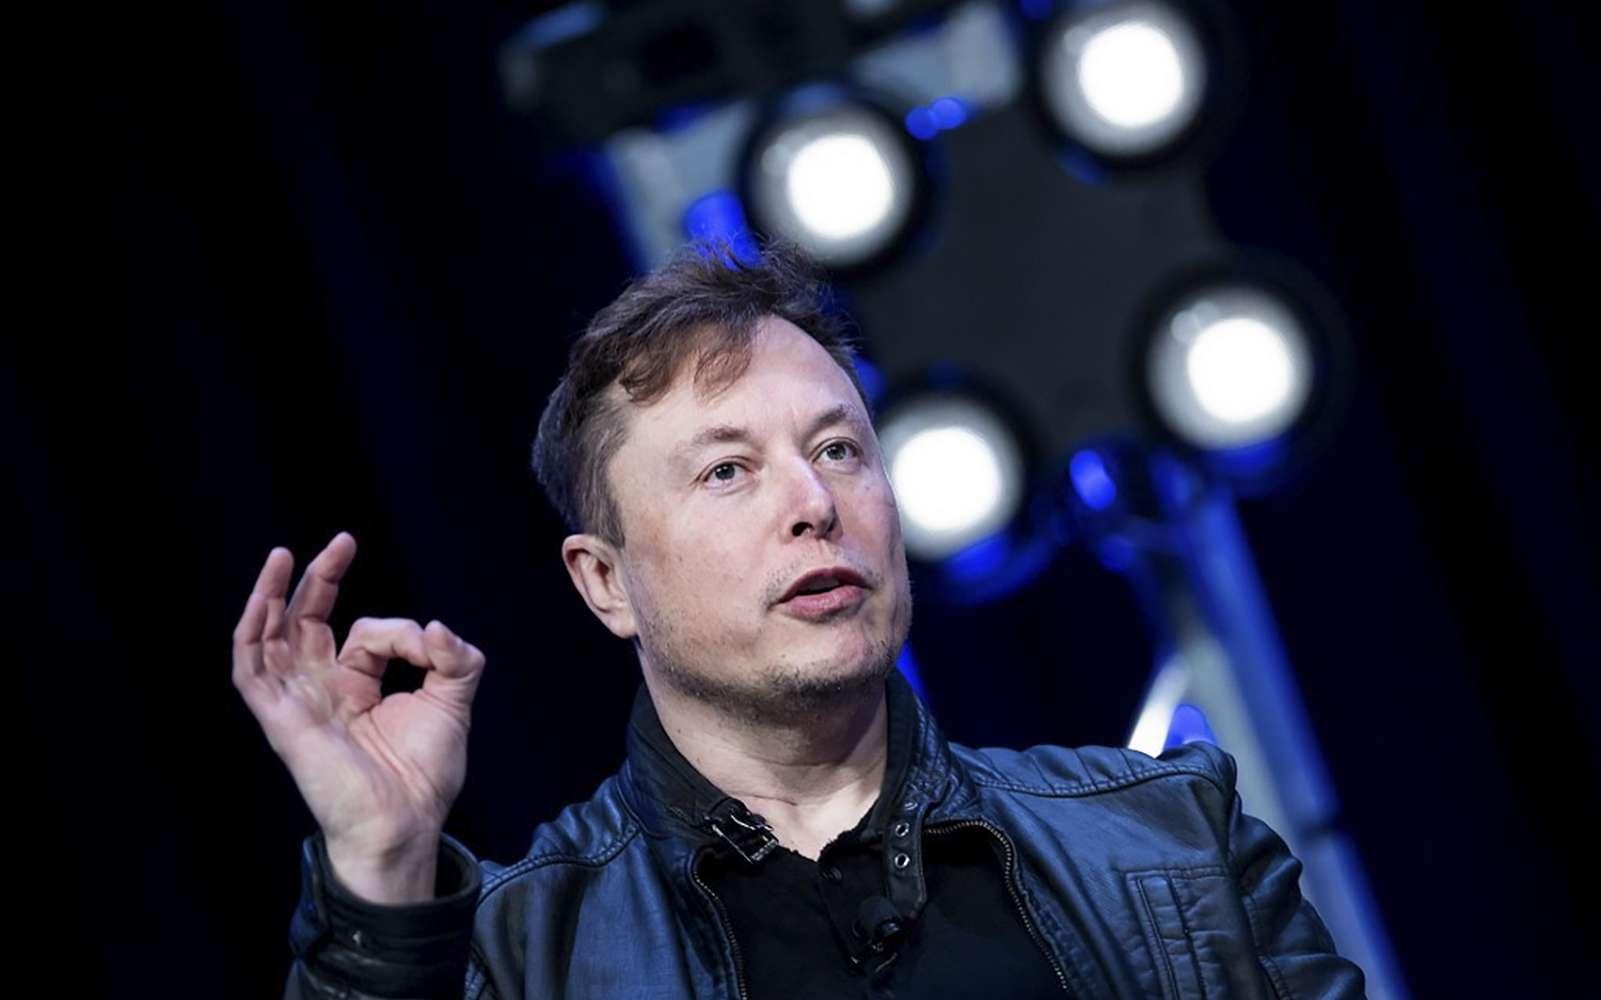 Neuralink, la start-up d'Elon Musk, a implanté une puce connectée dans le cerveau d'un cochon cobaye. C'est un prototype destiné à développer la version pour les humains qui redonnera la parole et la mobilité aux personnes paralysées. Le milliardaire est convaincu de pouvoir redonner l'usage complet de son corps. © Brendan Smialowski, AFP